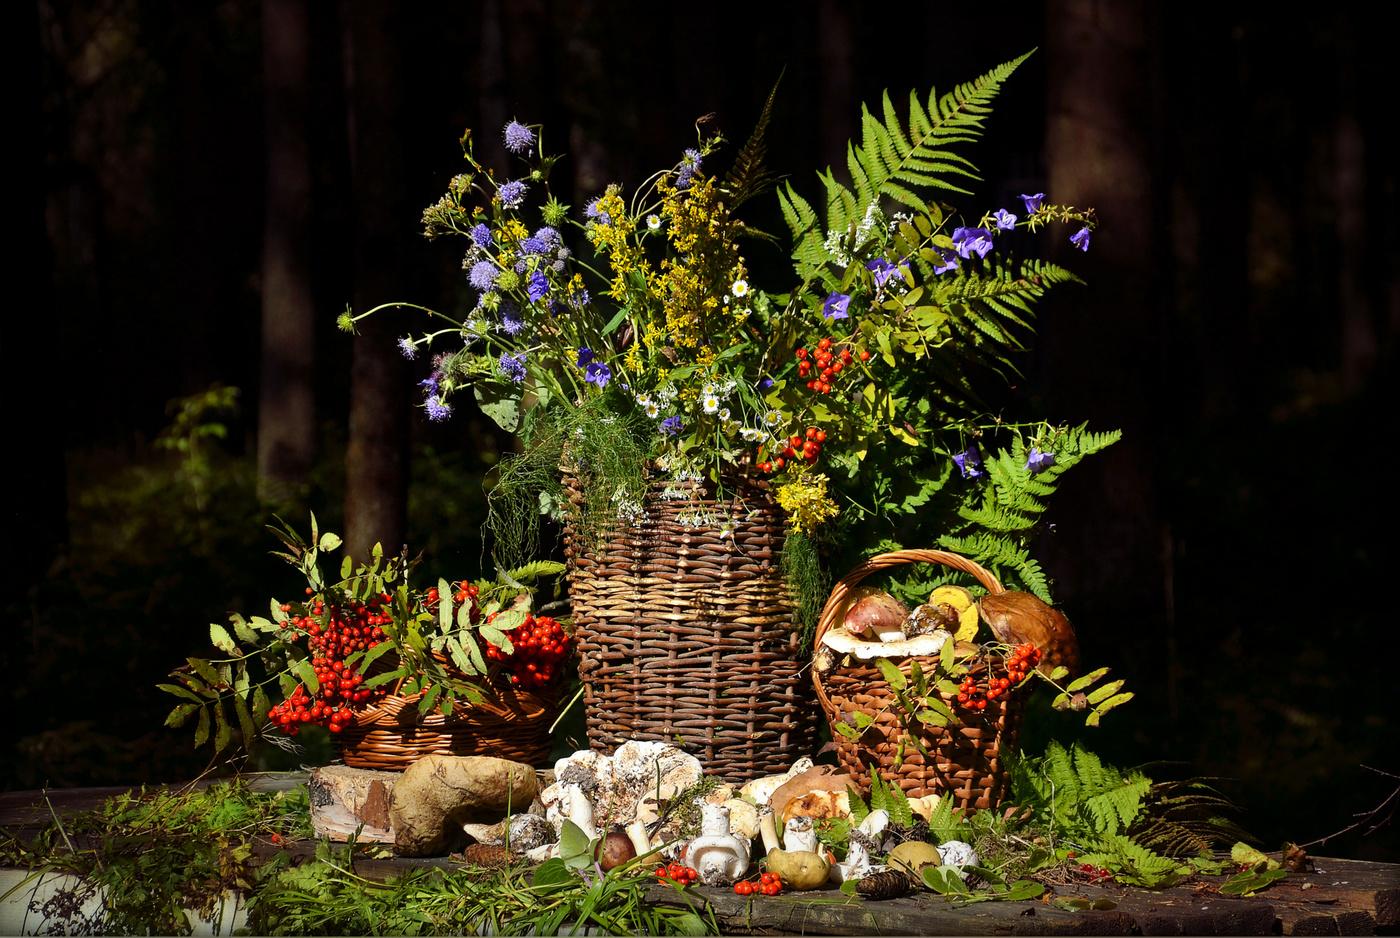 Лесной натюрморт в фотографии санчез